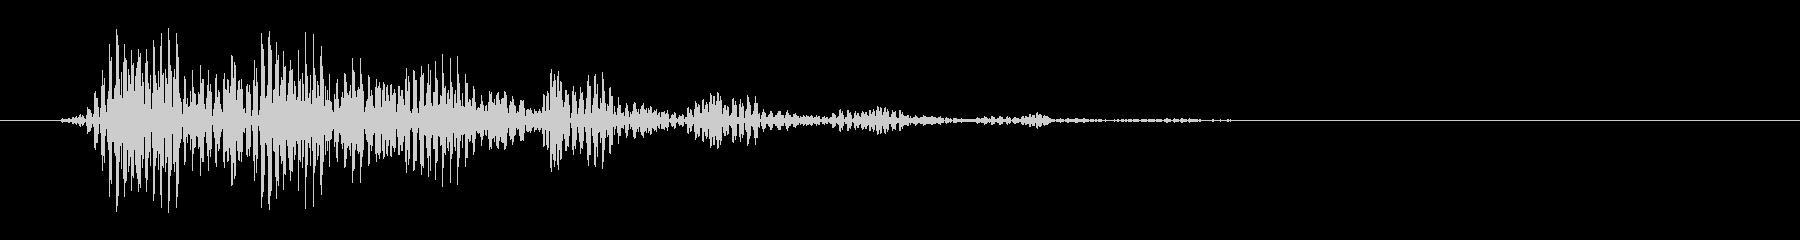 プッ(シンプルで電子的な決定音)の未再生の波形